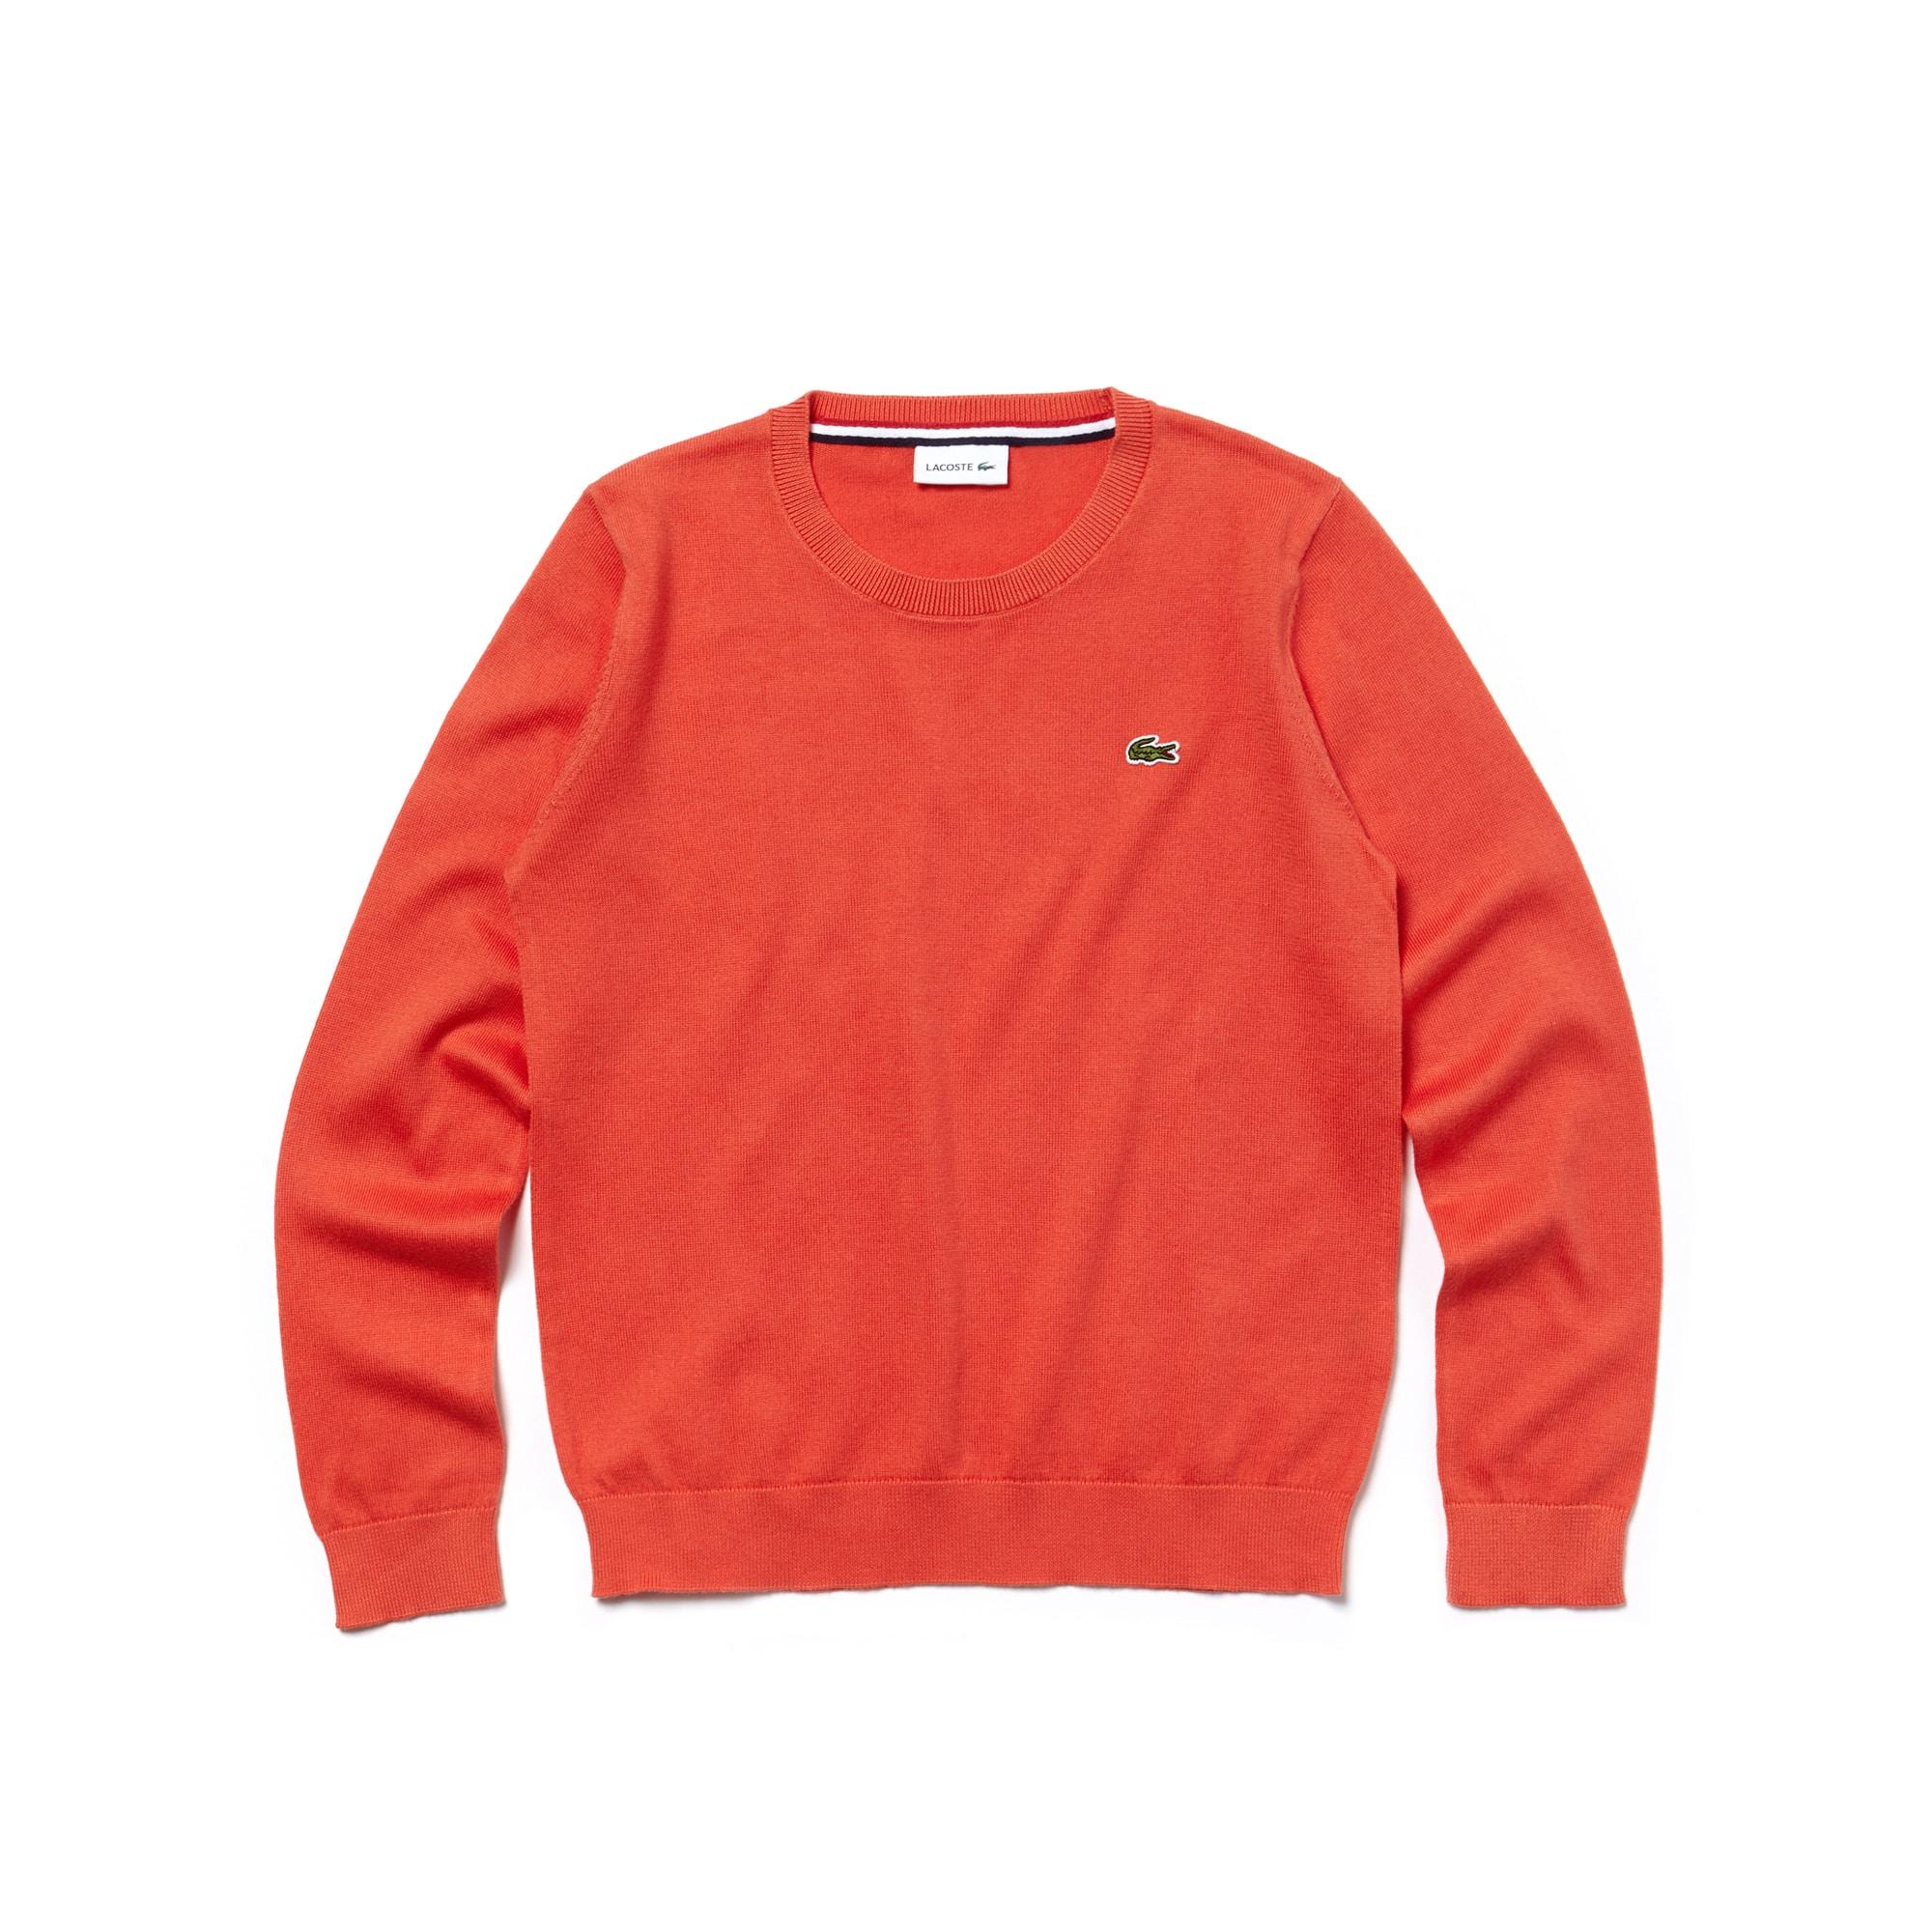 Pull Garçon col rond en jersey de coton uni